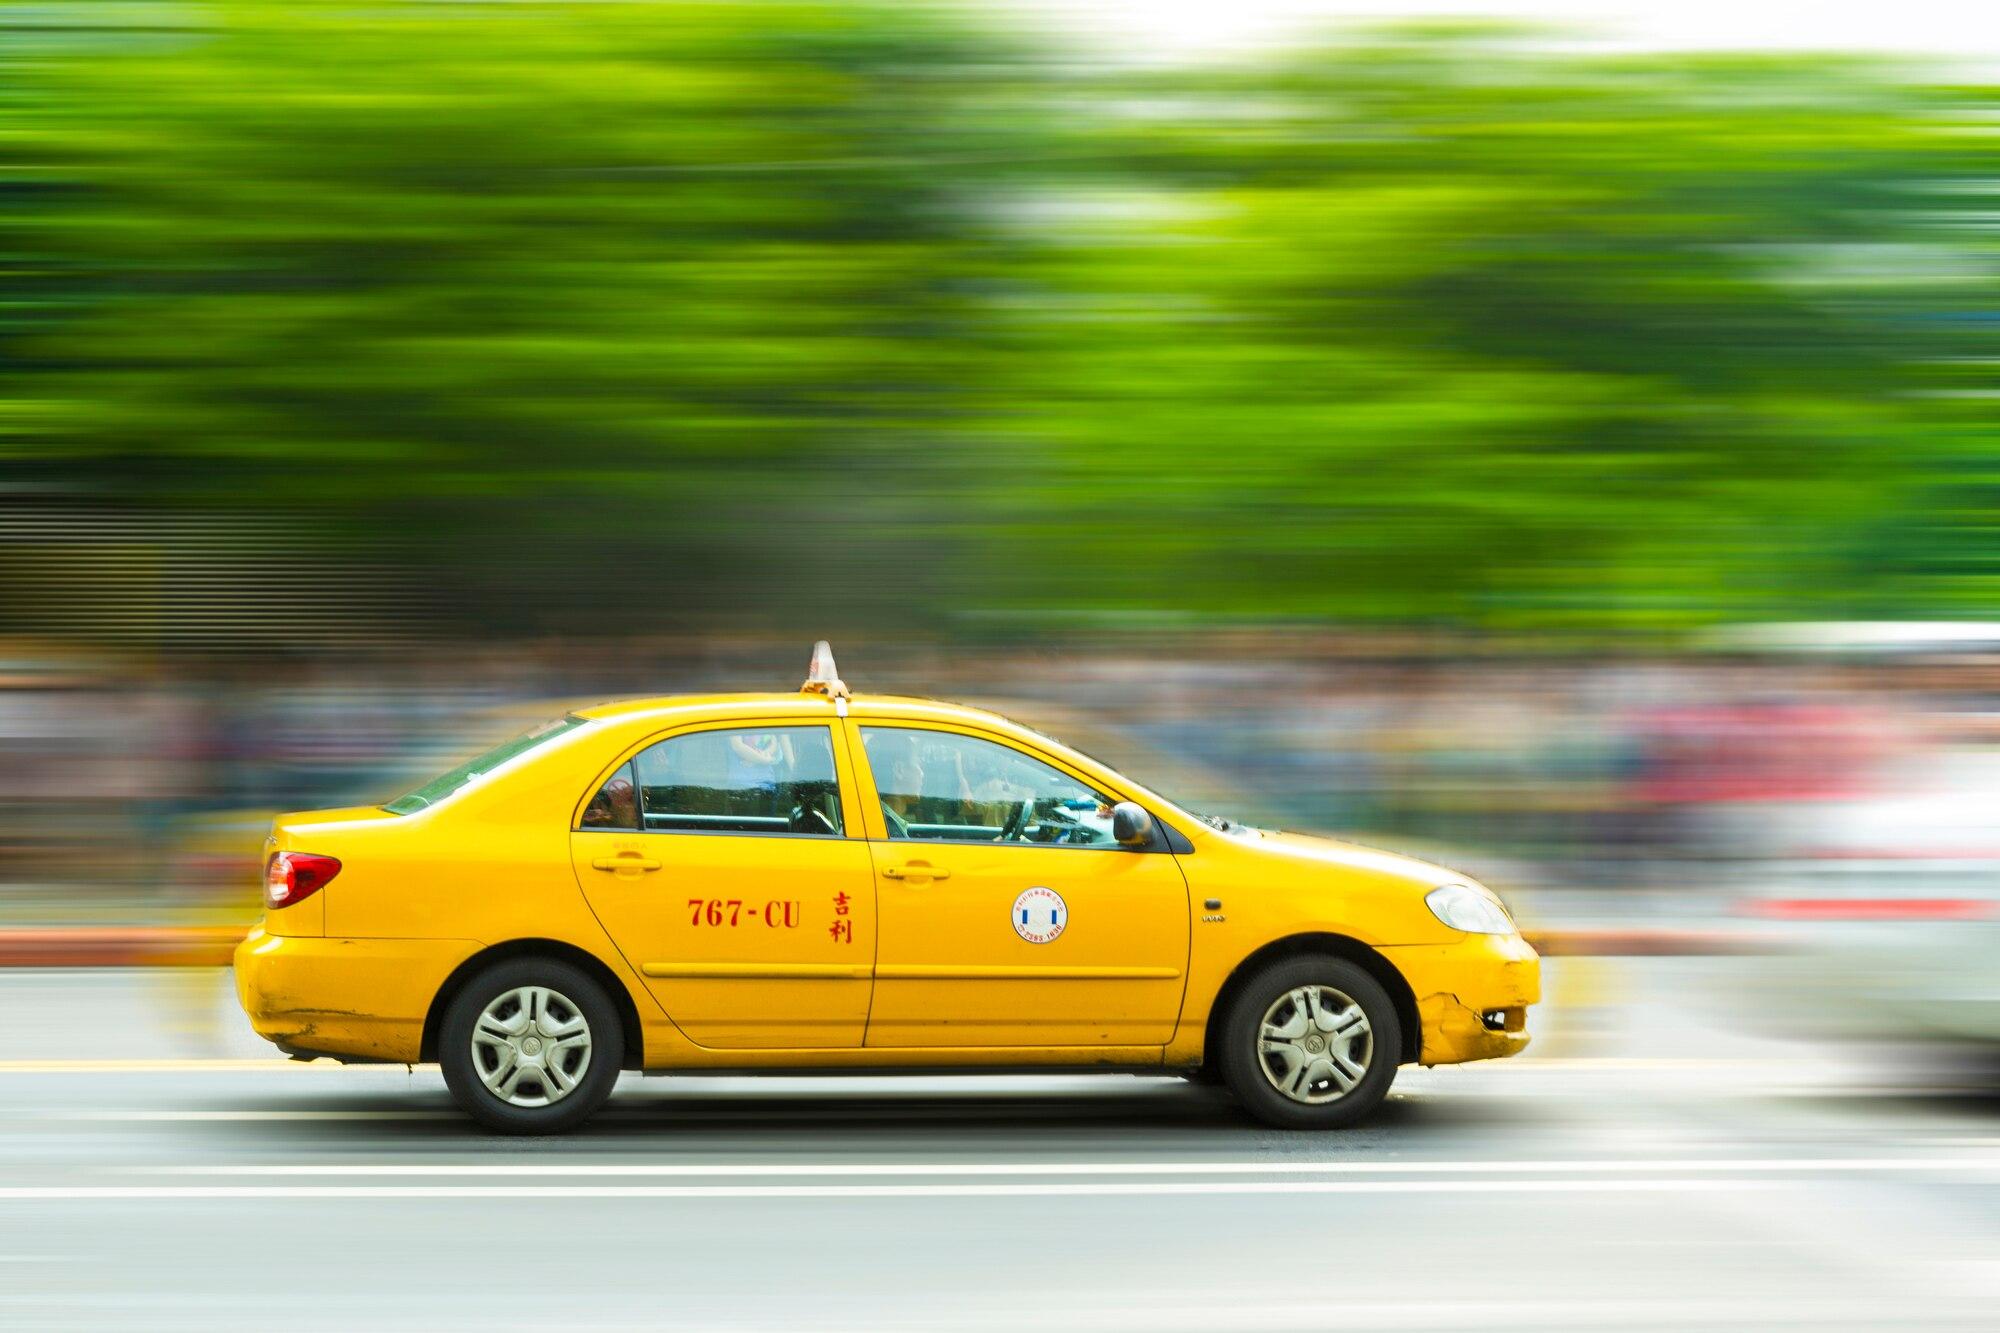 台中でタクシーを上手く使って観光しよう!タクシーで気を付ける3つのこと